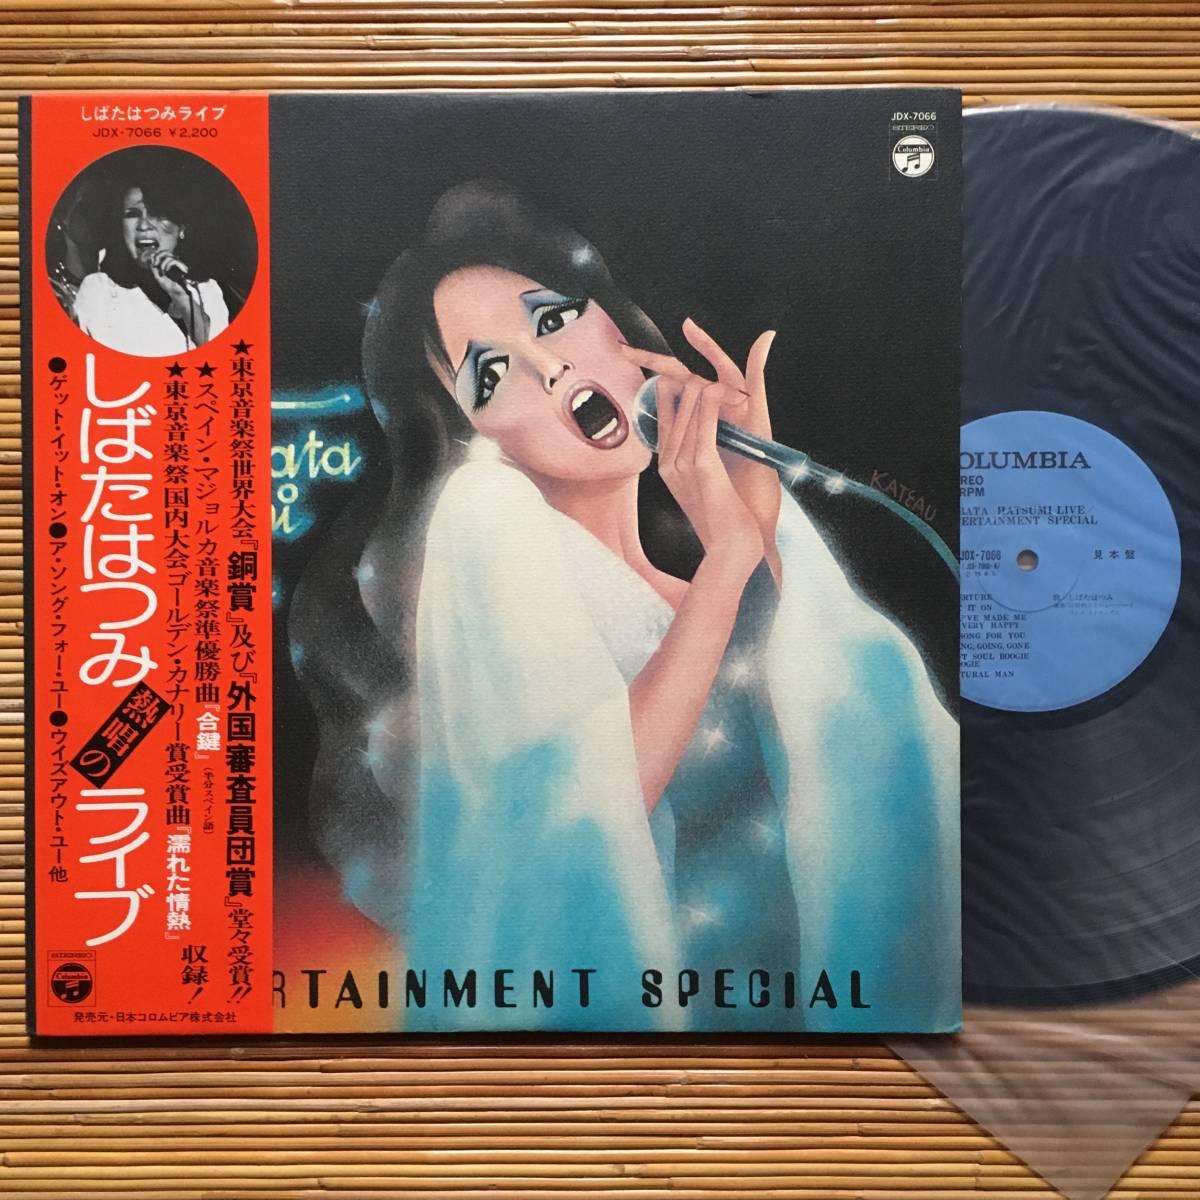 《見本盤・美盤》しばたはつみ『しばたはつみライブ』LP~和モノ/Light Mellow/にほ_画像1